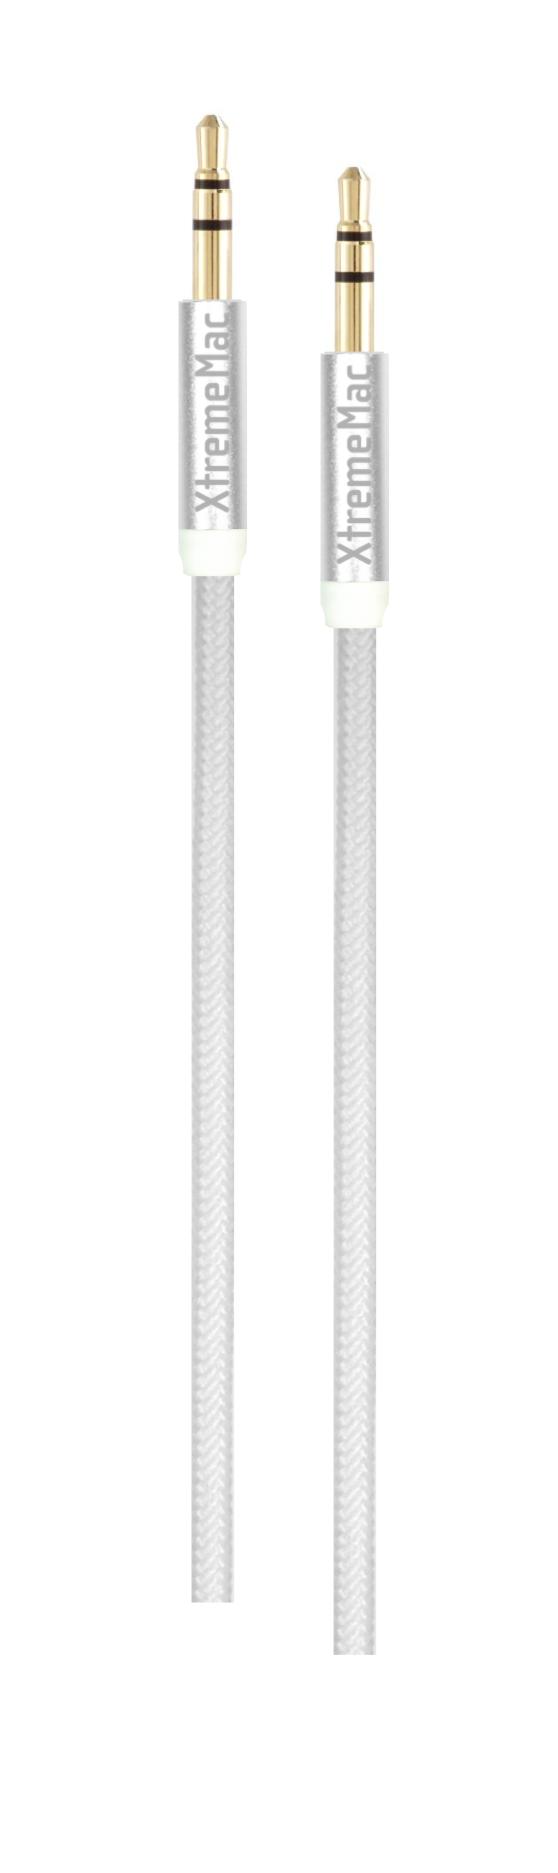 Aux cable, nylon, super resistant, 1,5m, white